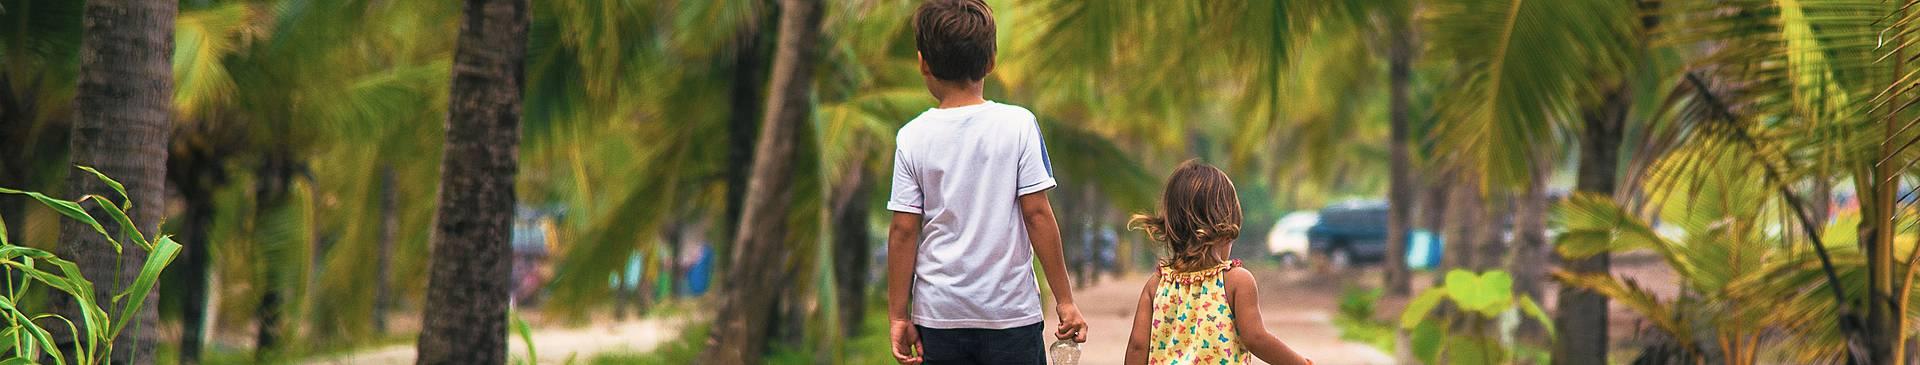 Costa Rica family holidays